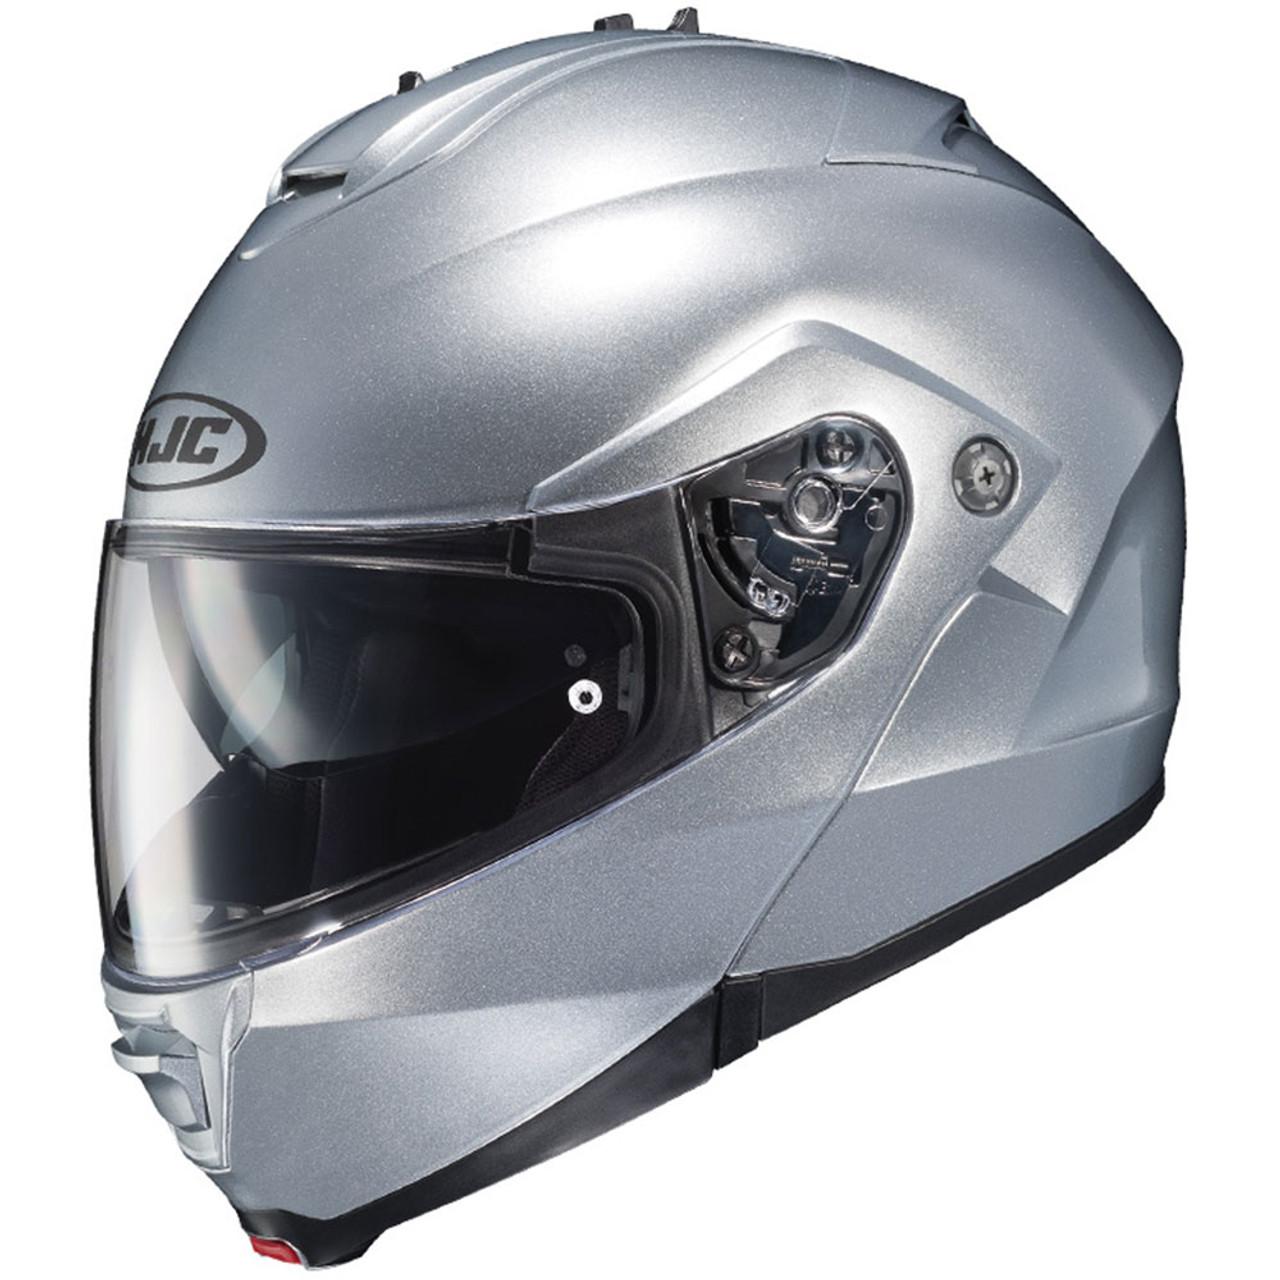 ba3eca95 HJC IS-Max 2 Modular Motorcycle Helmet - Silver - Get Lowered Cycles